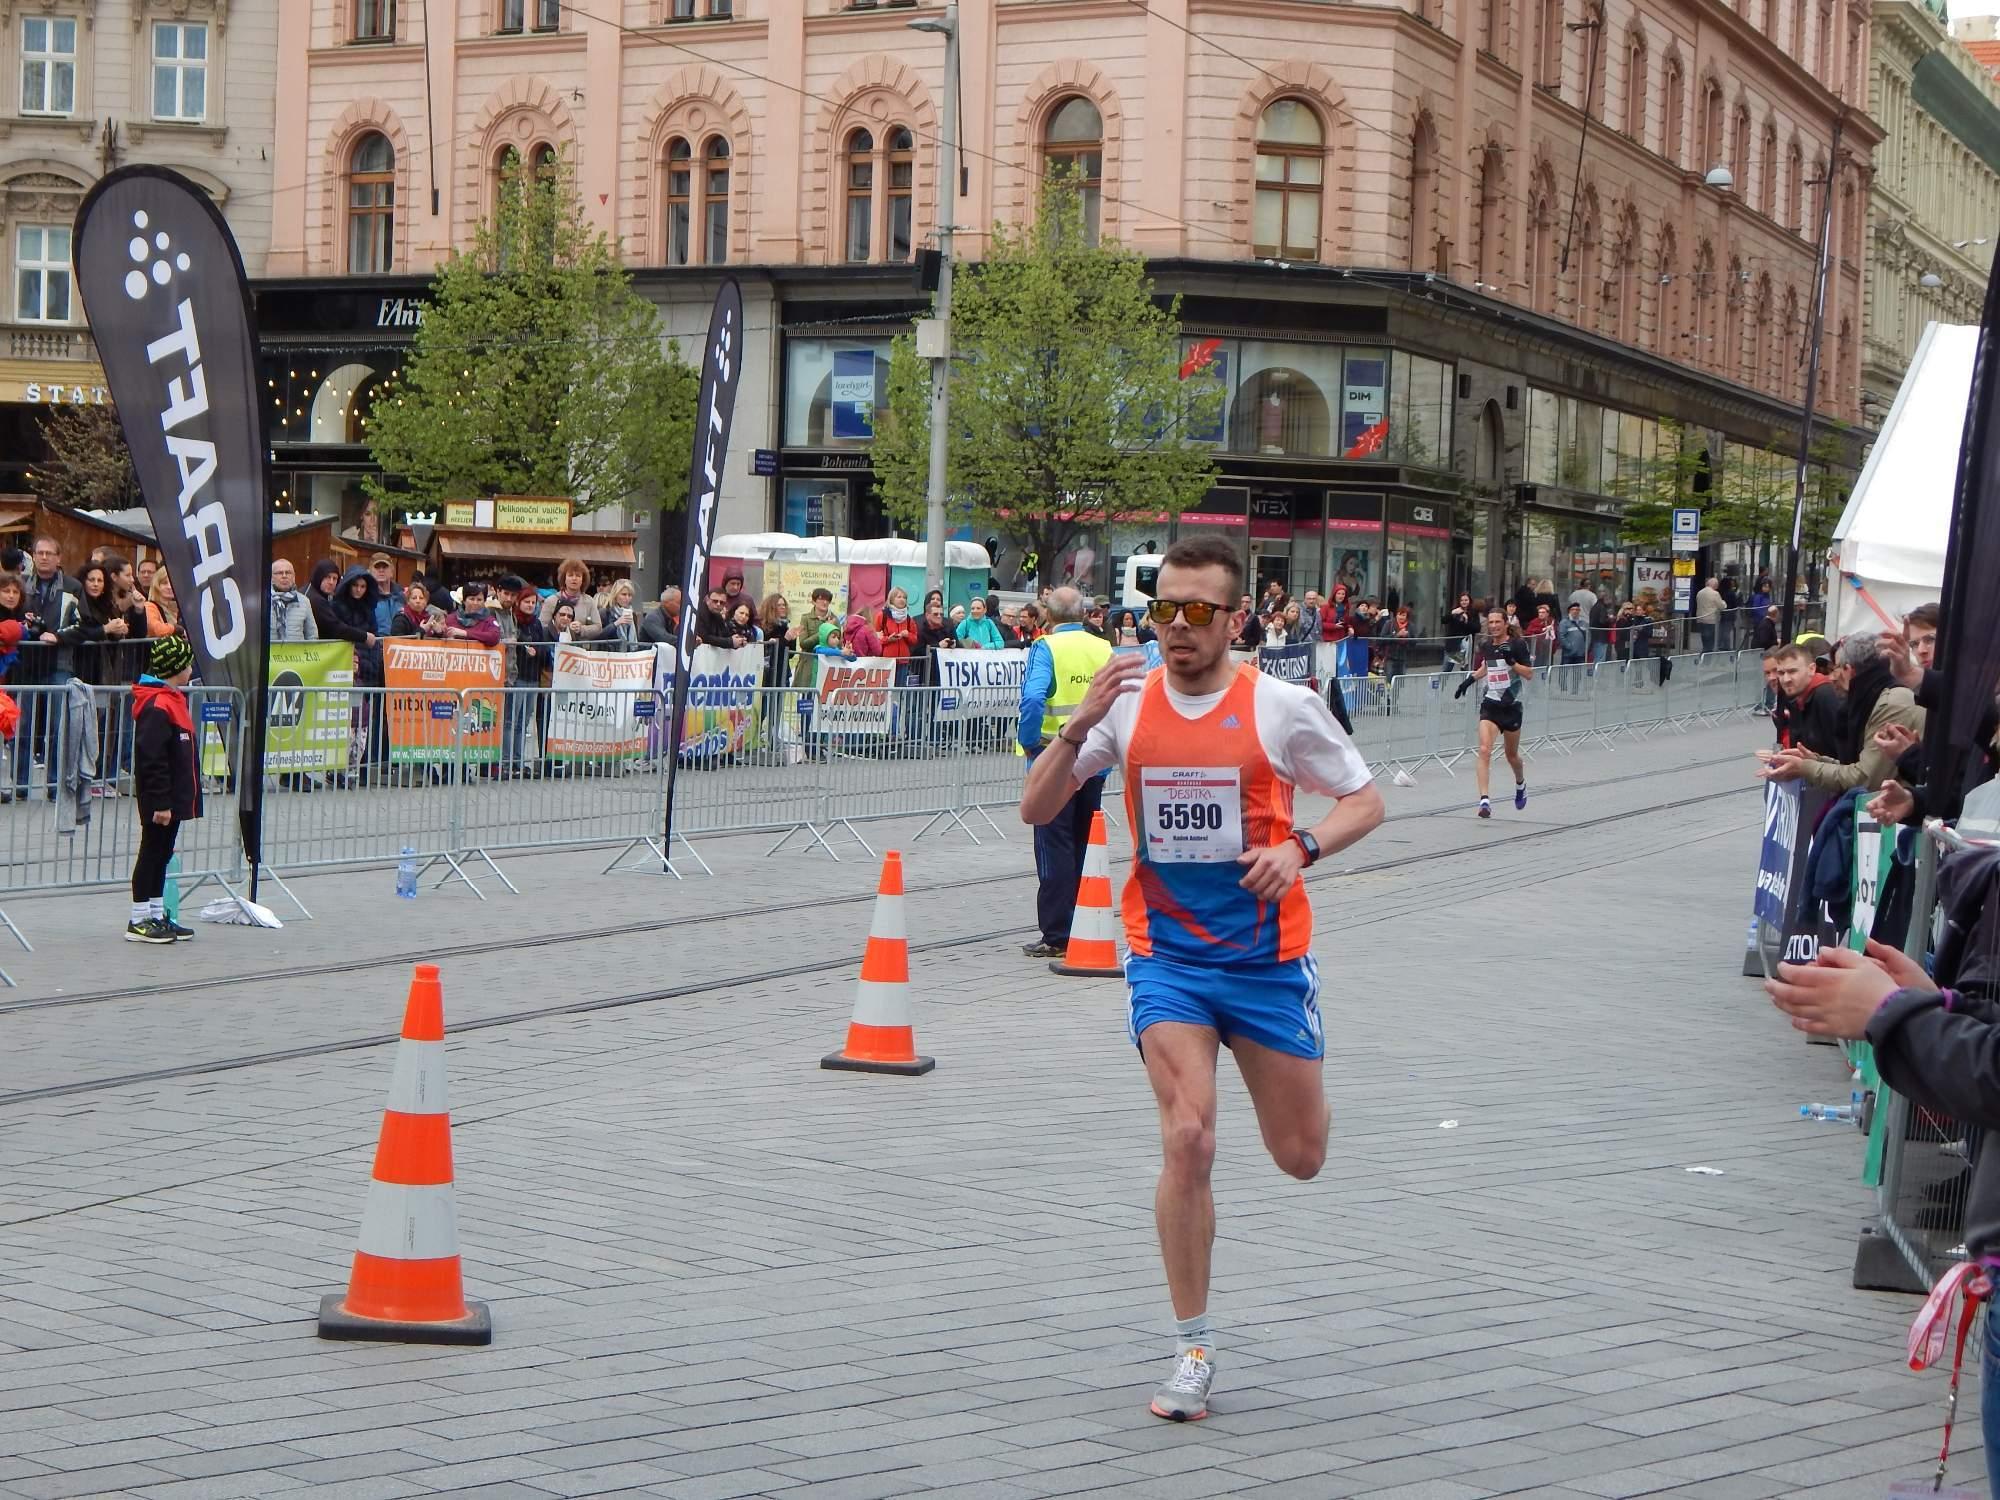 Radek Ambrož probíhá jako druhý cílem v závodě na deset kilometrů Foto: Adam Lukůvka